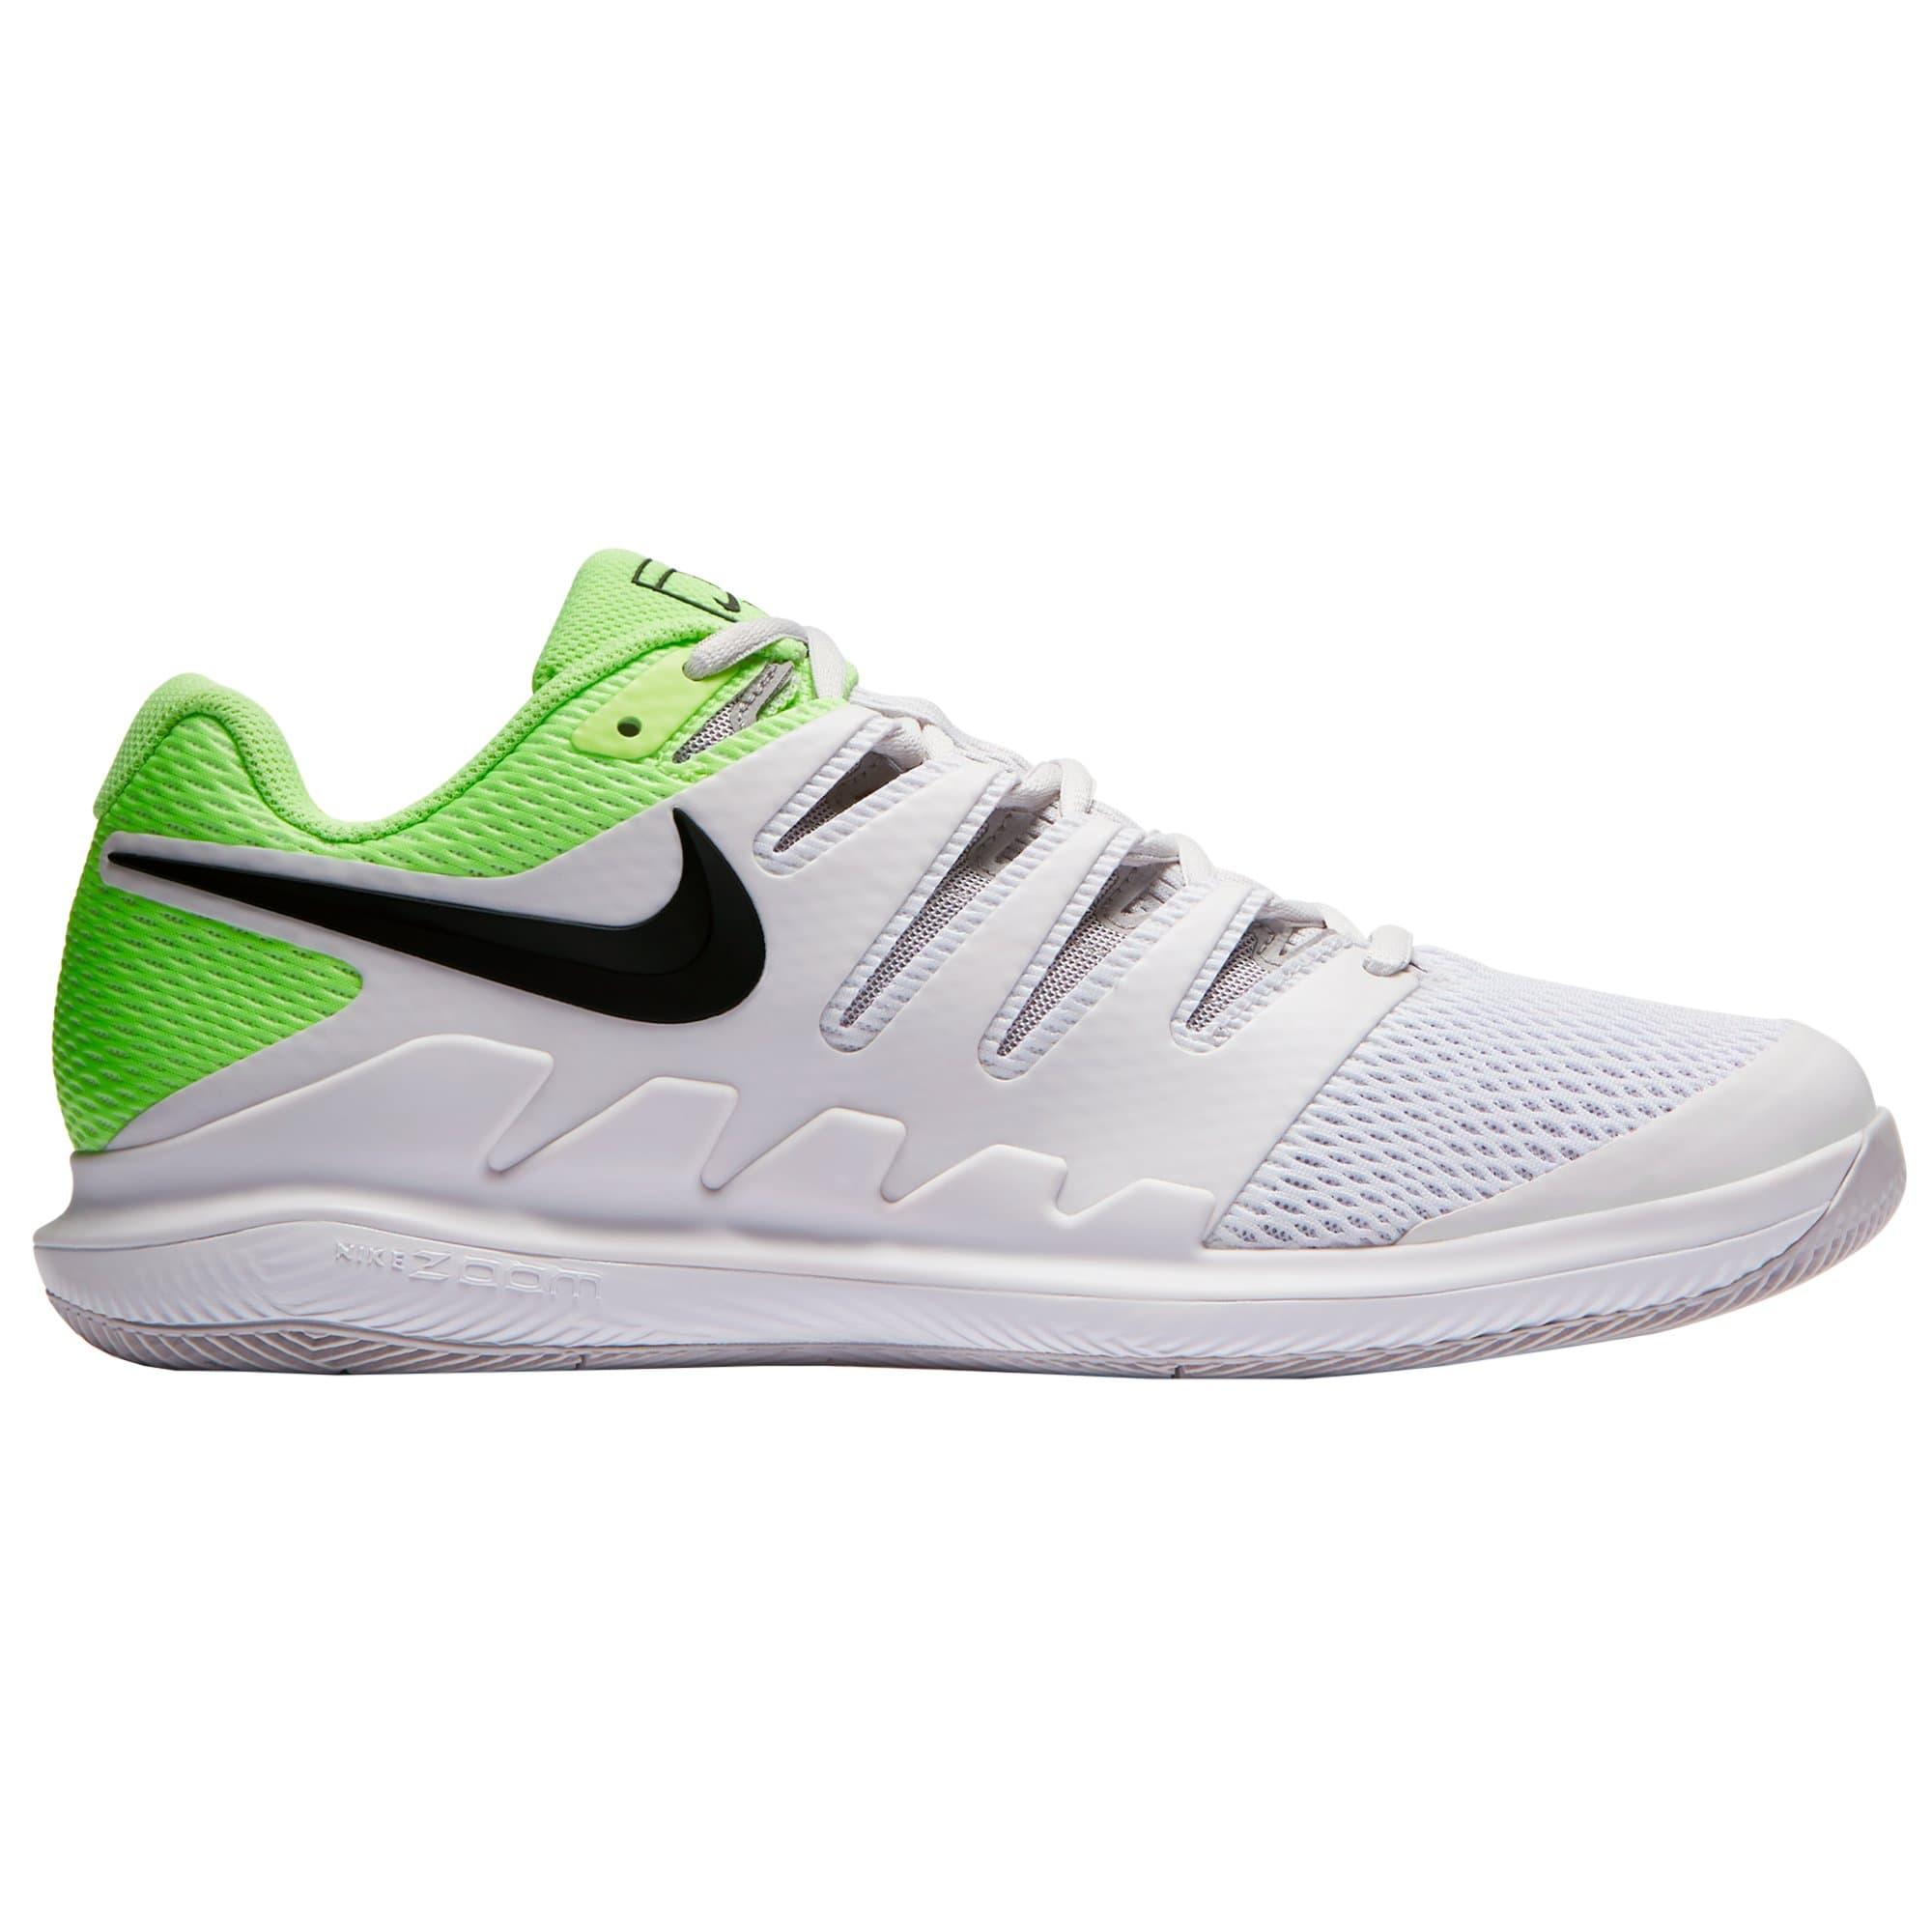 Chaussures De Pour Nike Homme Tennis Vapor Migros Air Zoom 10 nXXIqp